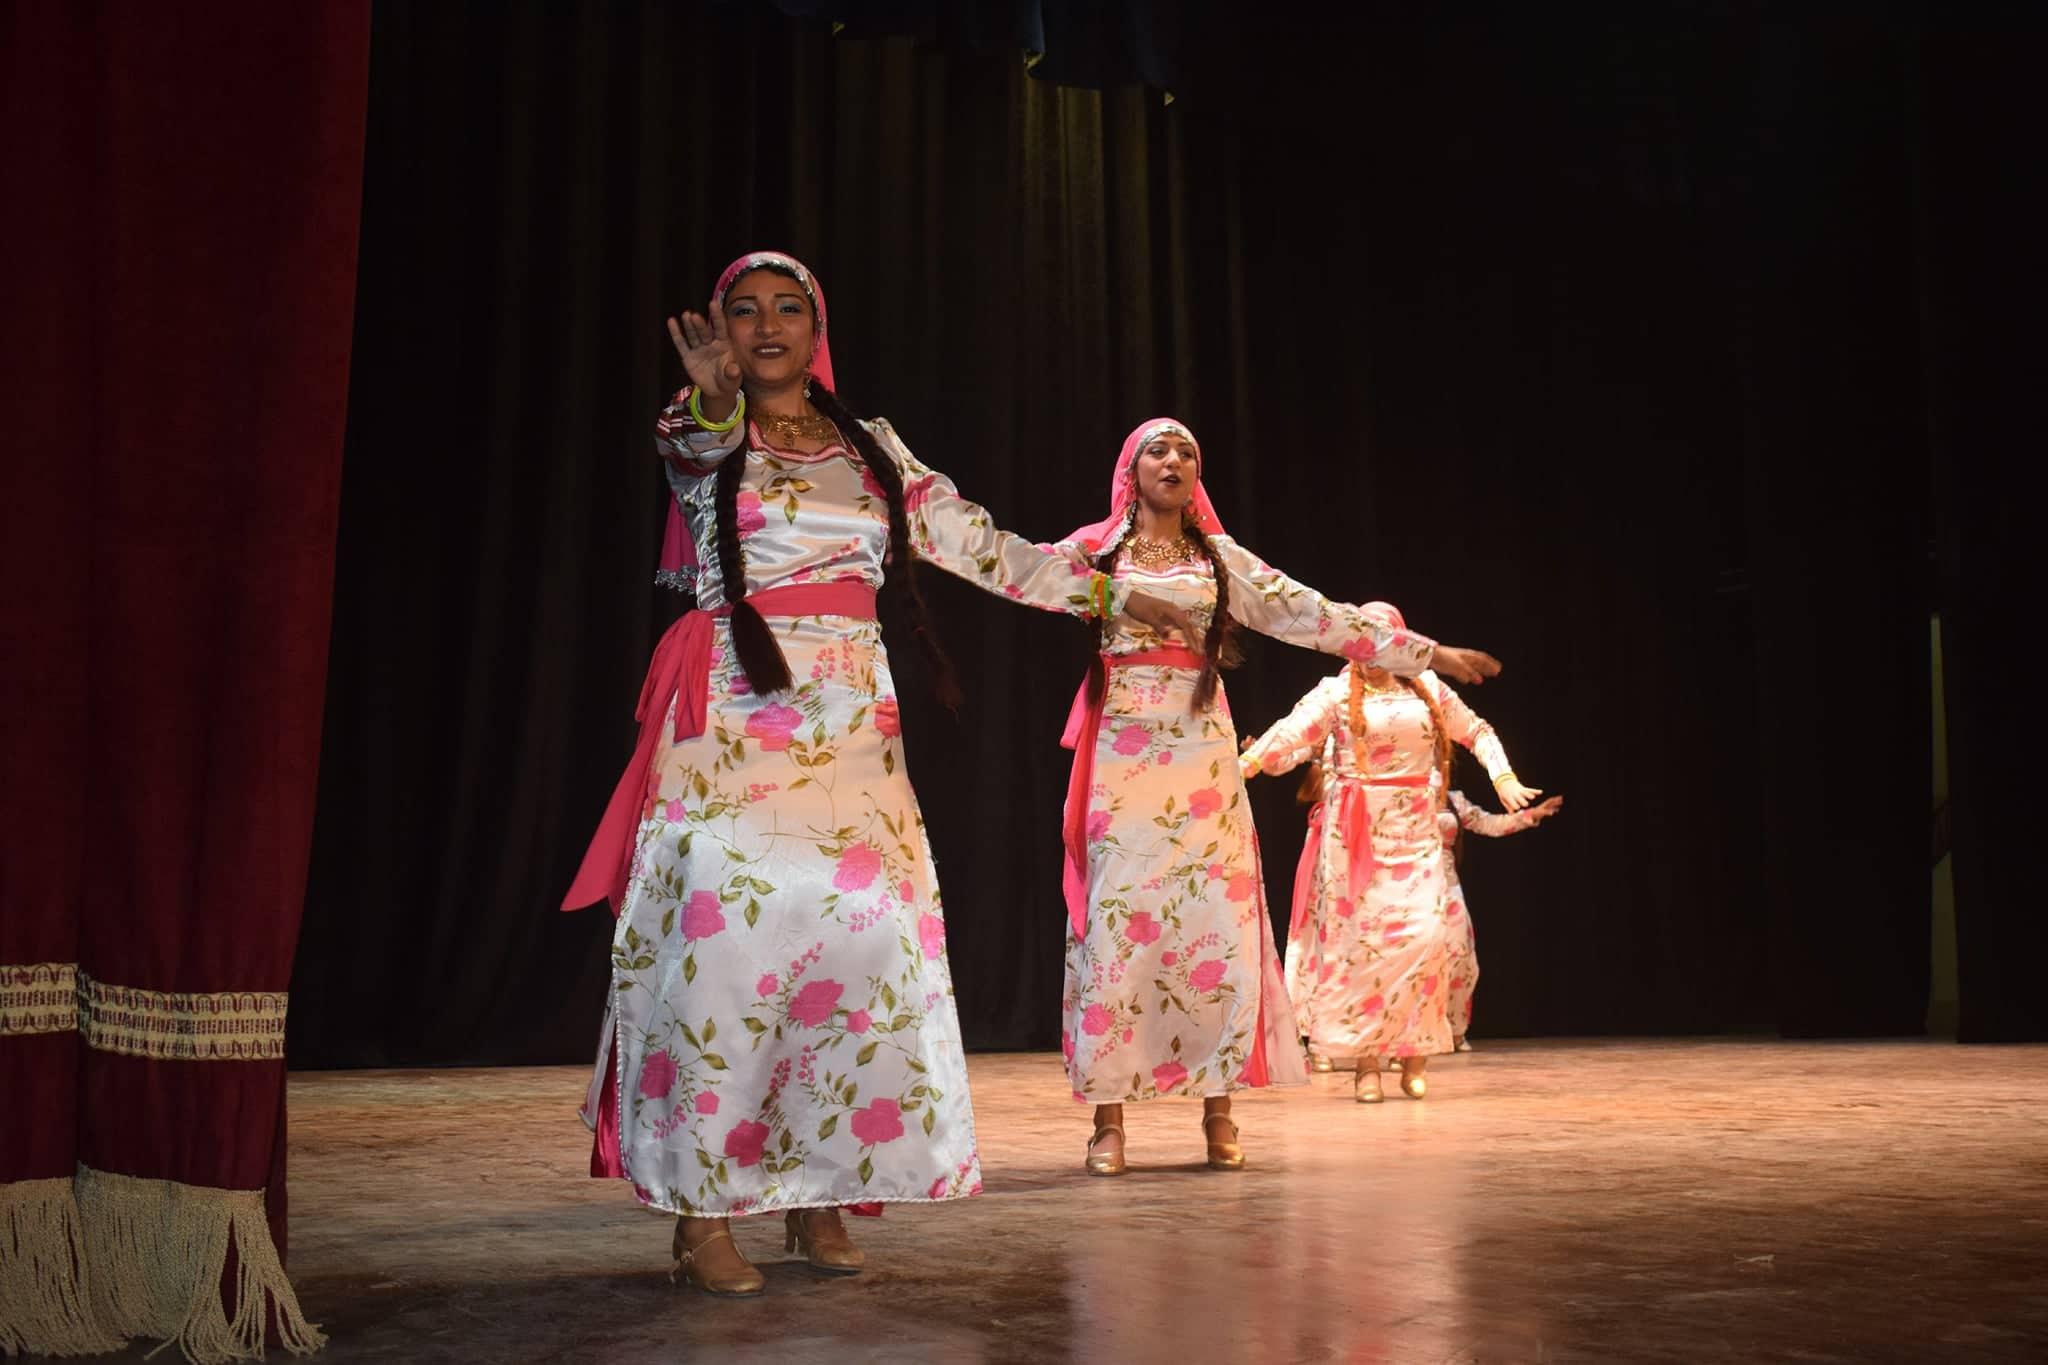 الهيئة العامة لقصور الثقافة يففتح فعاليات المؤتمر 8